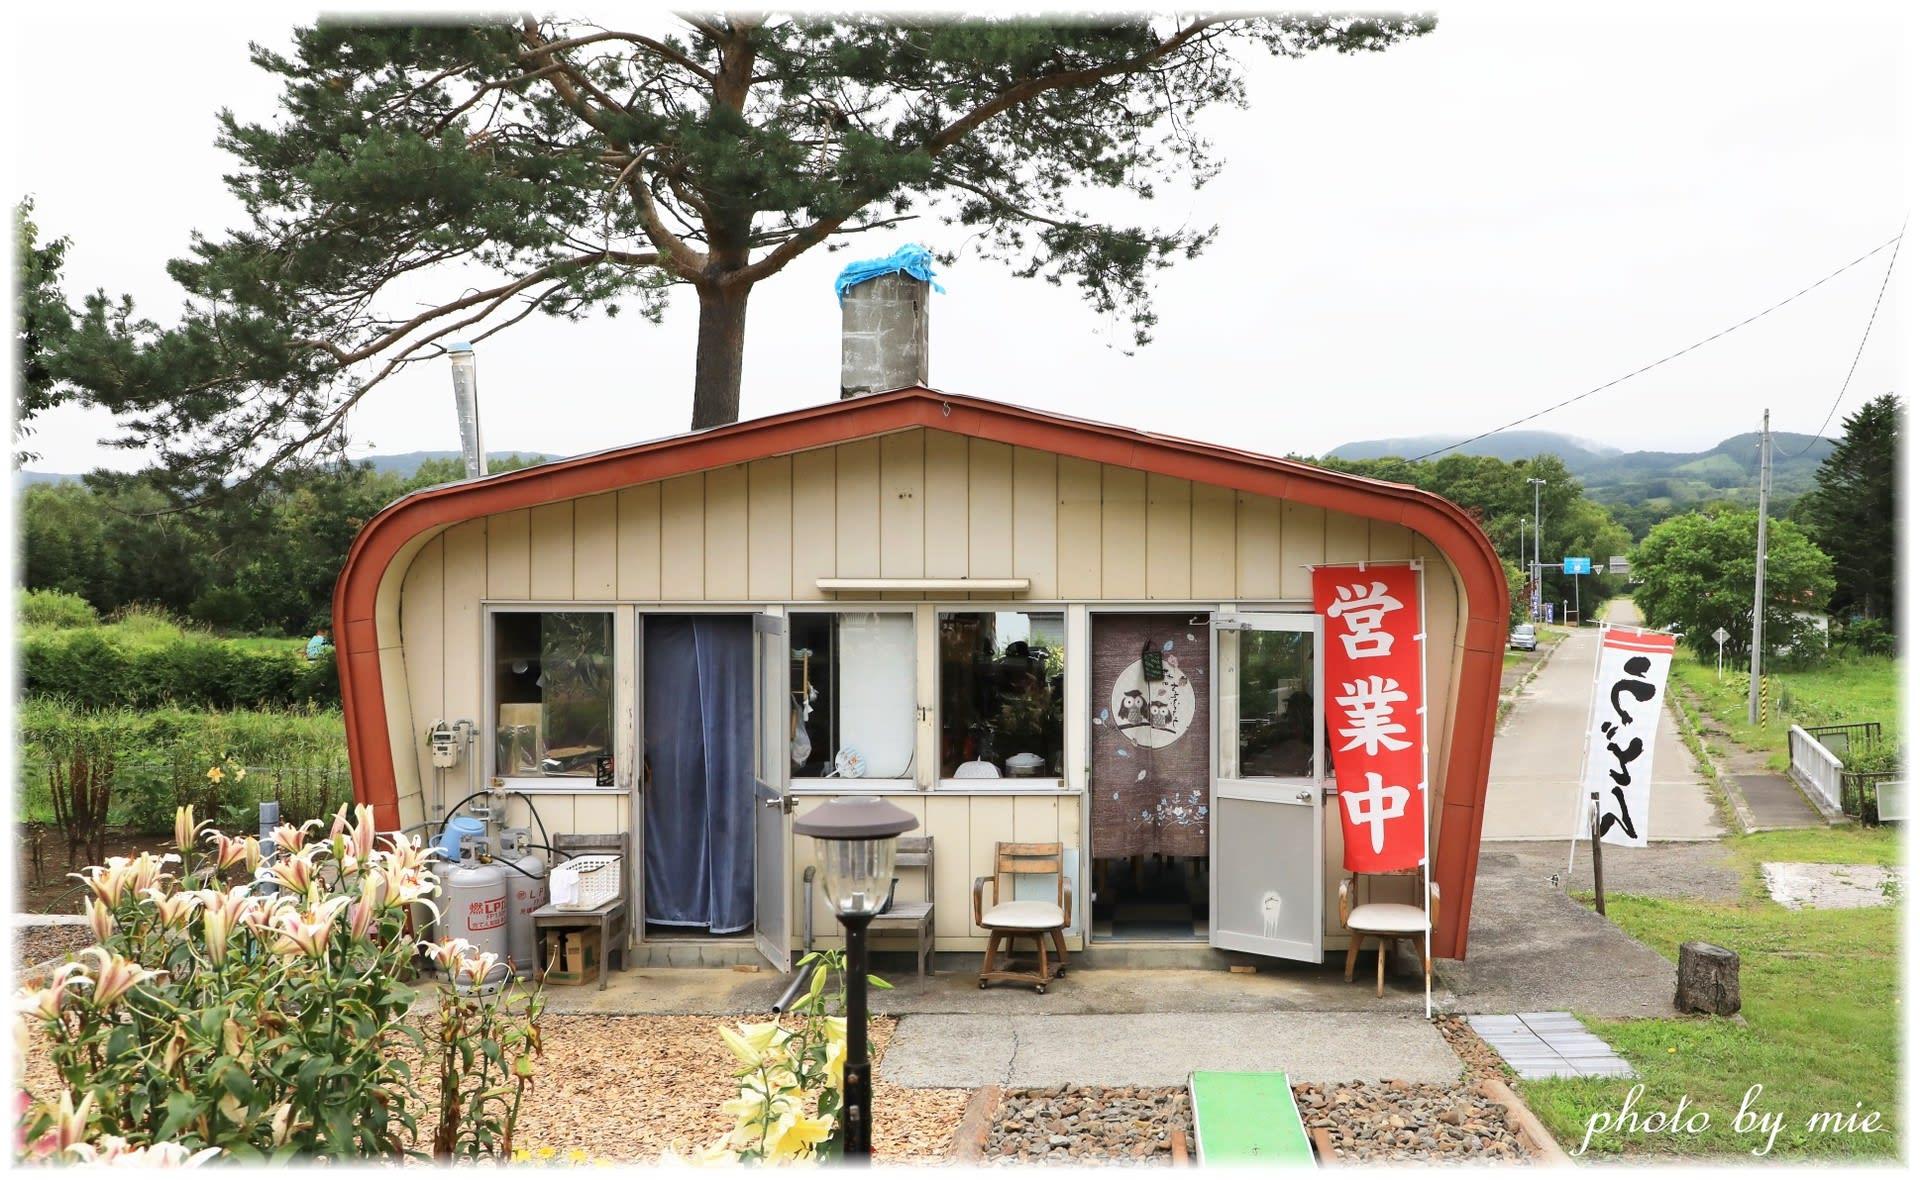 足寄町 旧愛冠駅のうどん屋 「赤 虎」 - *... カフェ 日和 ...*